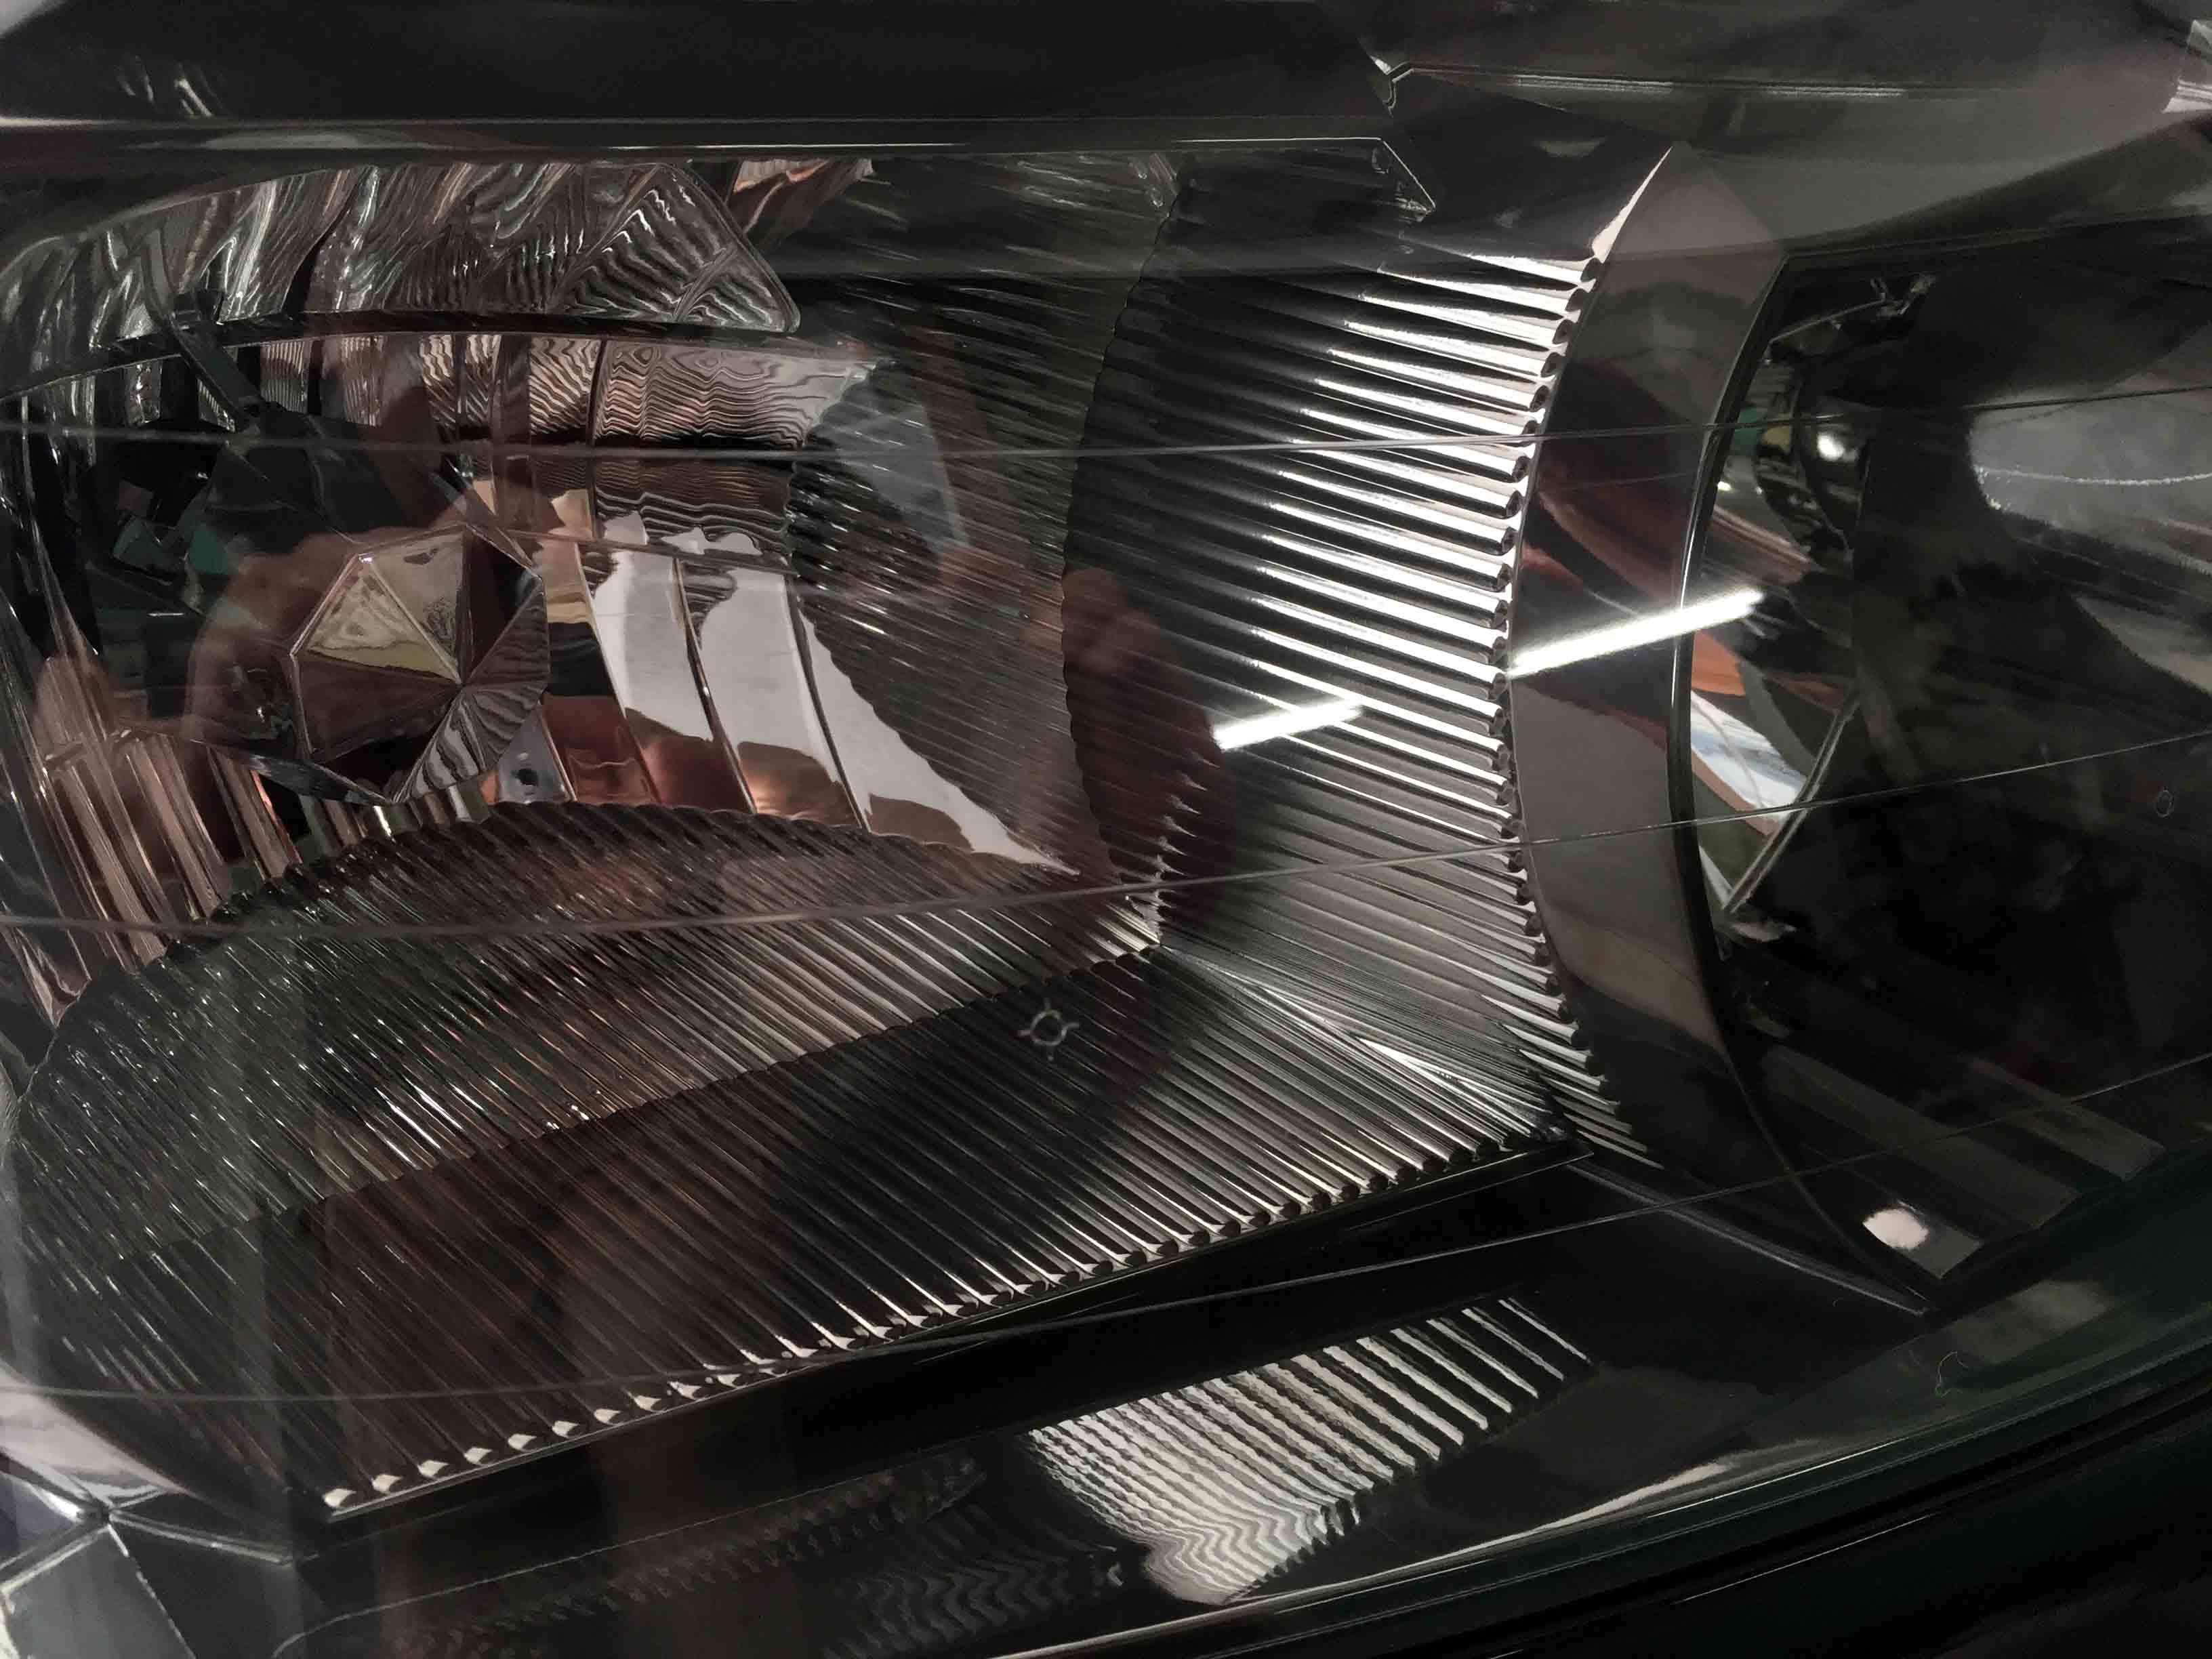 ホンダステップワゴンRE3のヘッドライトの透明感が戻り内部も綺麗に見えます